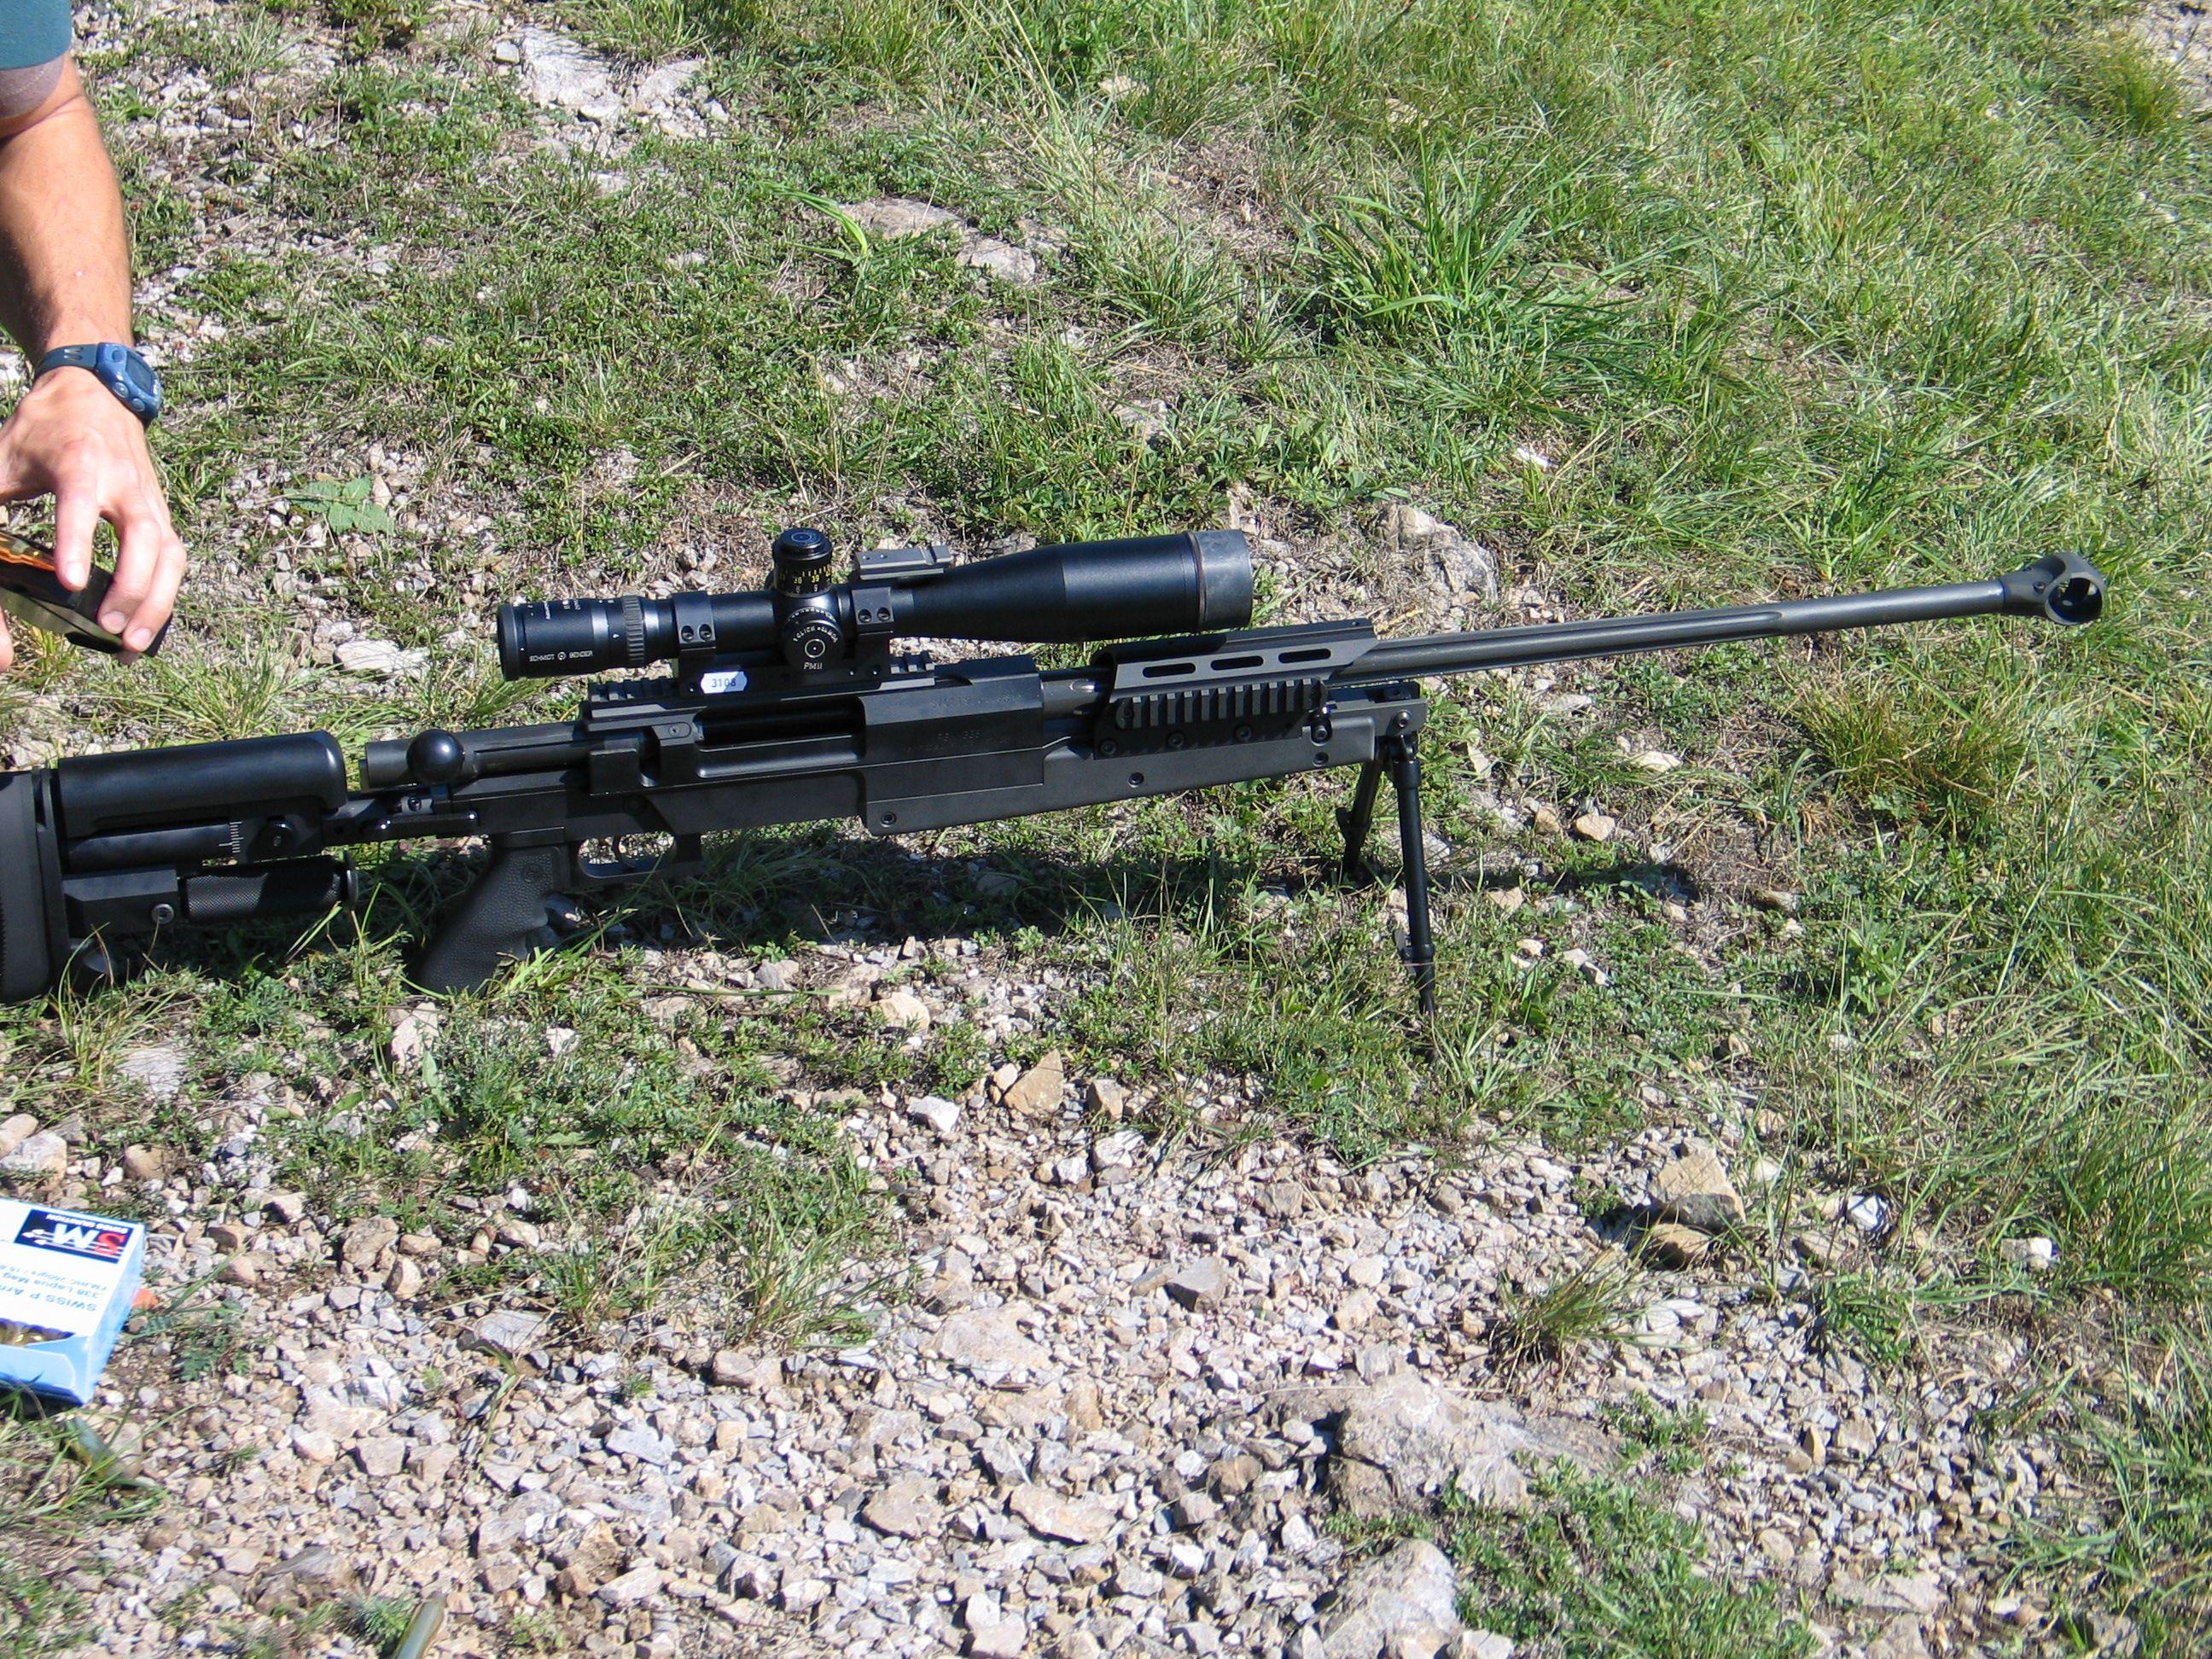 ... AIG Asymmetric Warrior ASW338LM .338 Lapua Magnum Modular Sniper Rifle